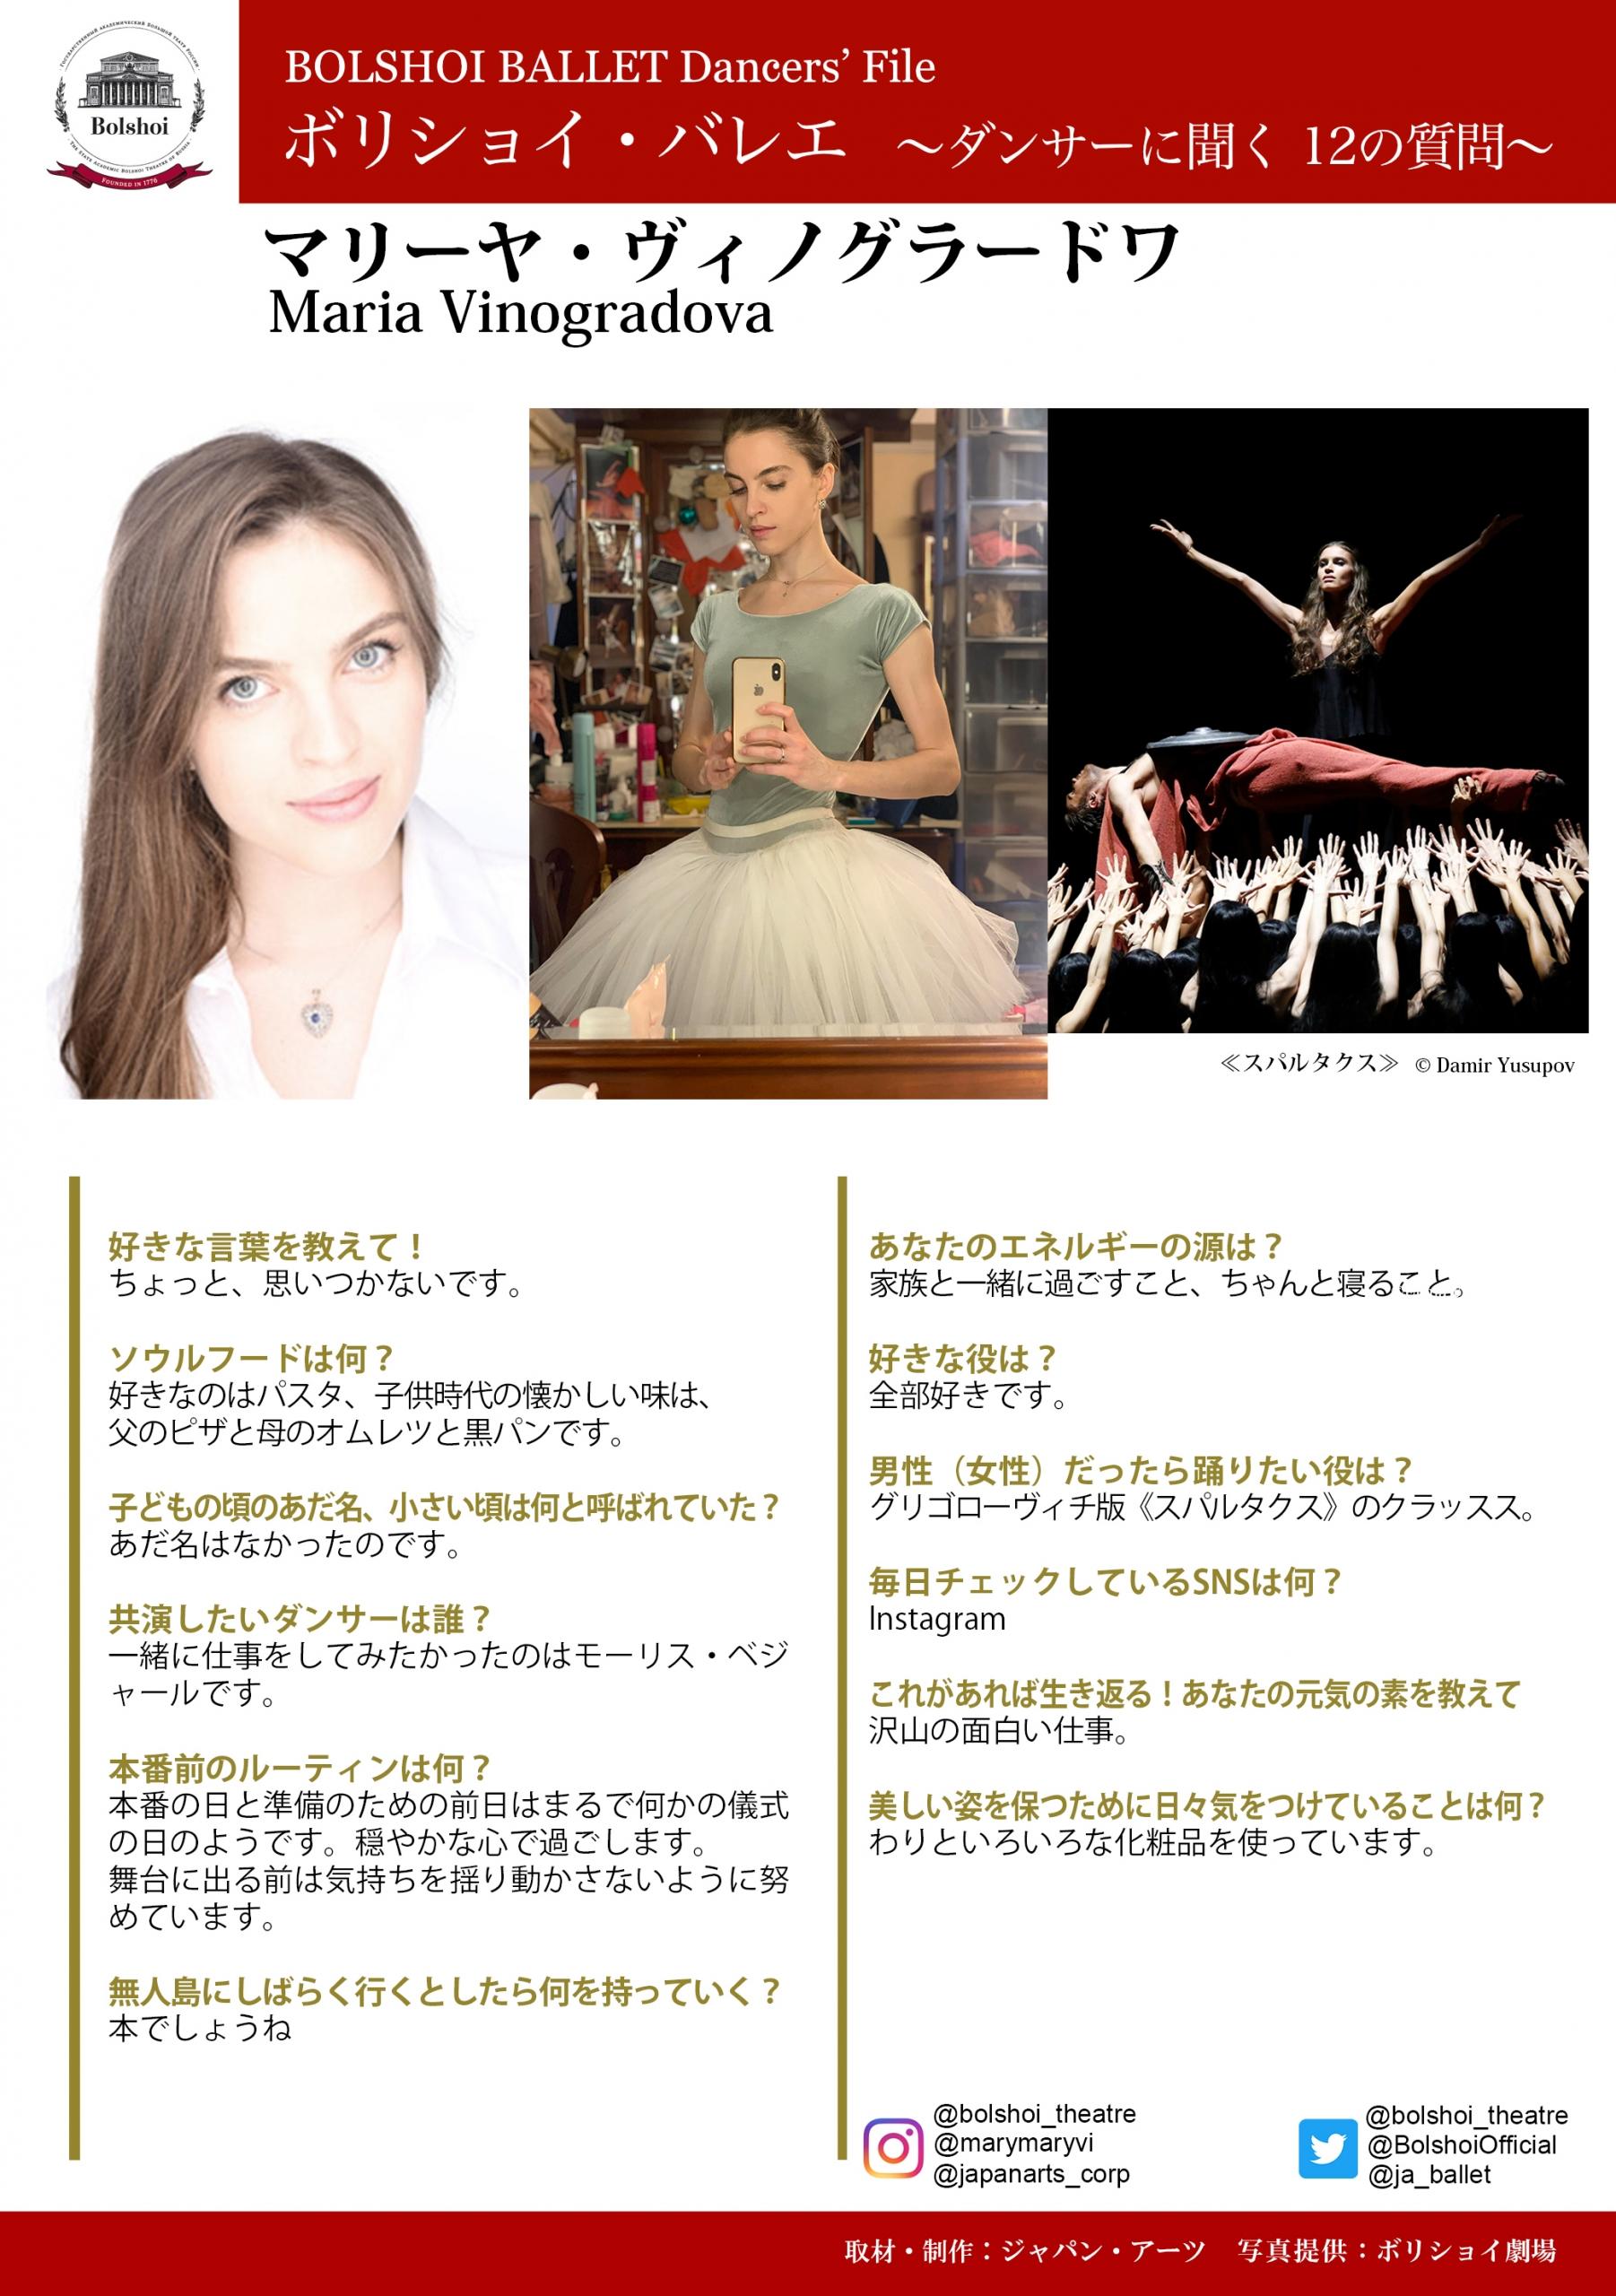 ボリショイ・バレエ 〜ダンサーに聞く 12の質問〜 vol.6 マリーヤ・ヴィノグラードワ